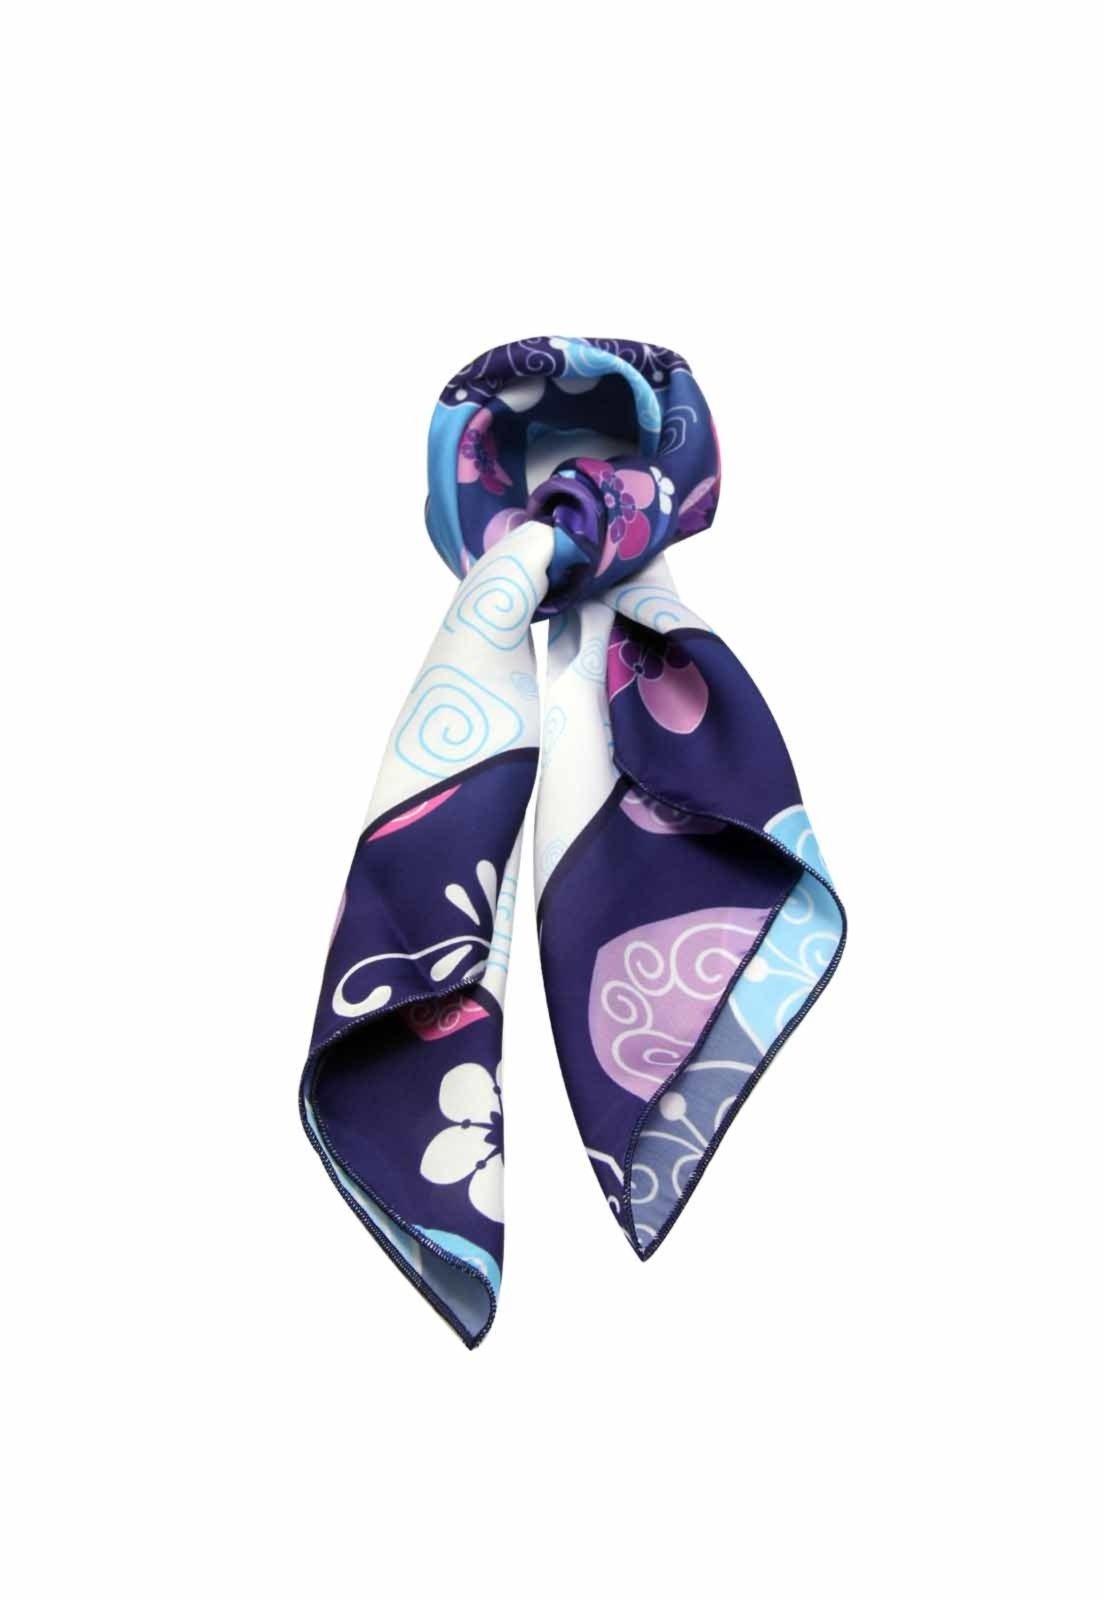 Lenço Smm Acessorios Floral Azul Bic - Marca Smm Acessórios